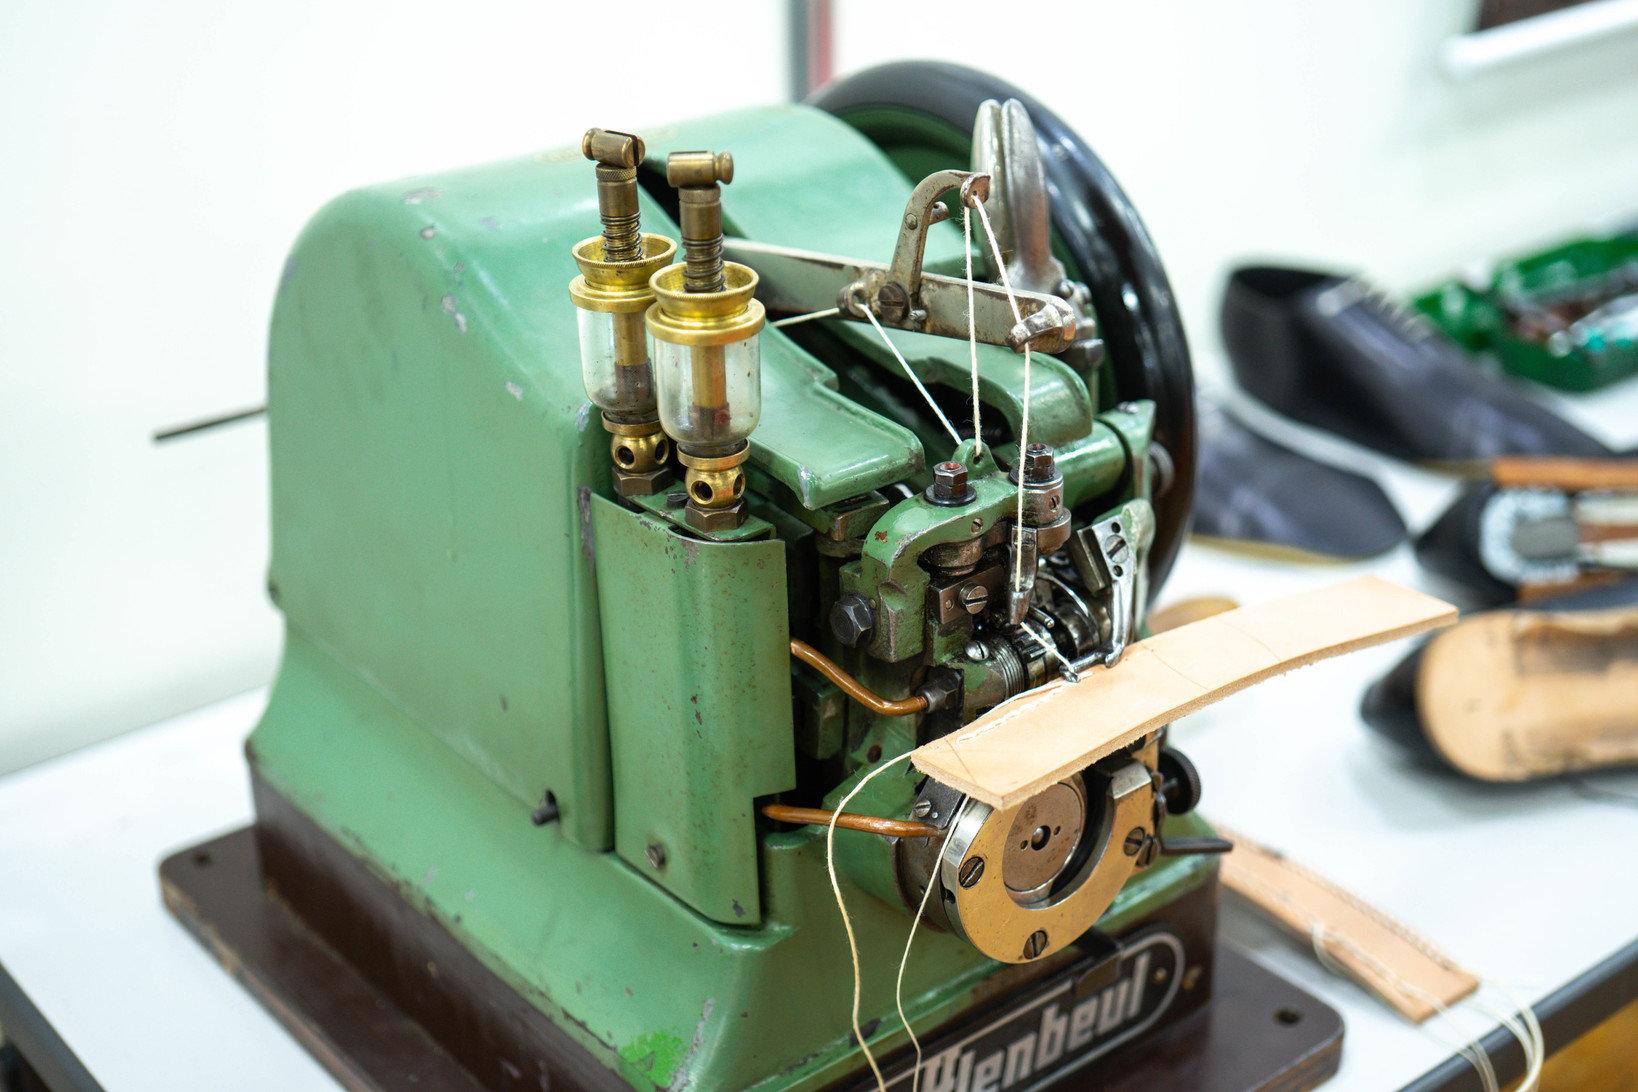 修理しながら使っているという古い底抜い機械も展示されており、機械好きには堪らない内容に。